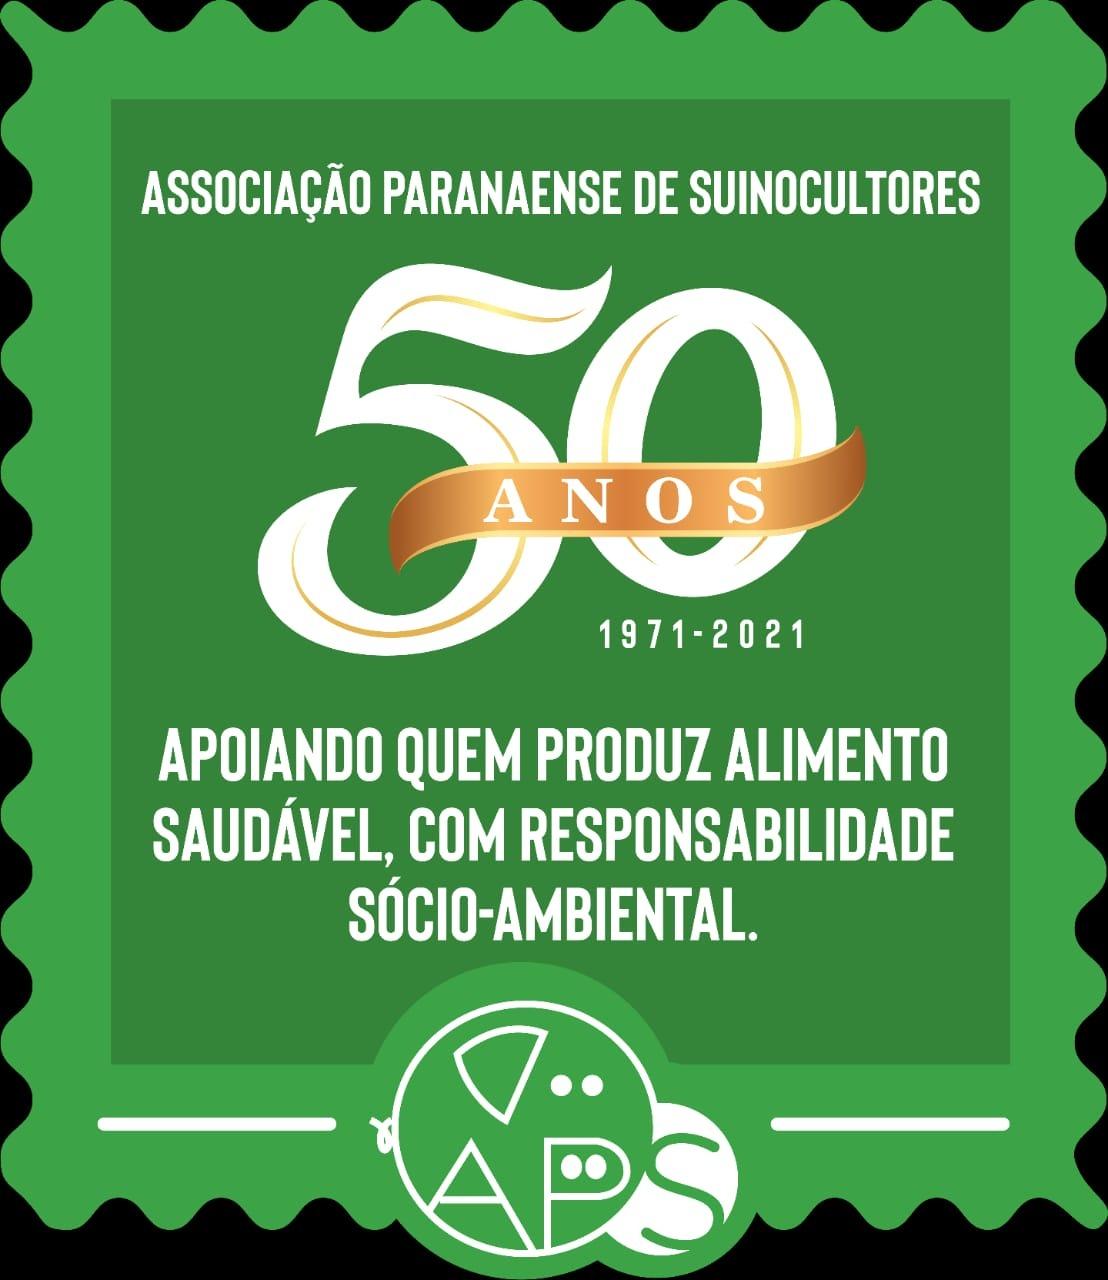 selo comemorativo 50 anos aps associação paranaense de suinocultores